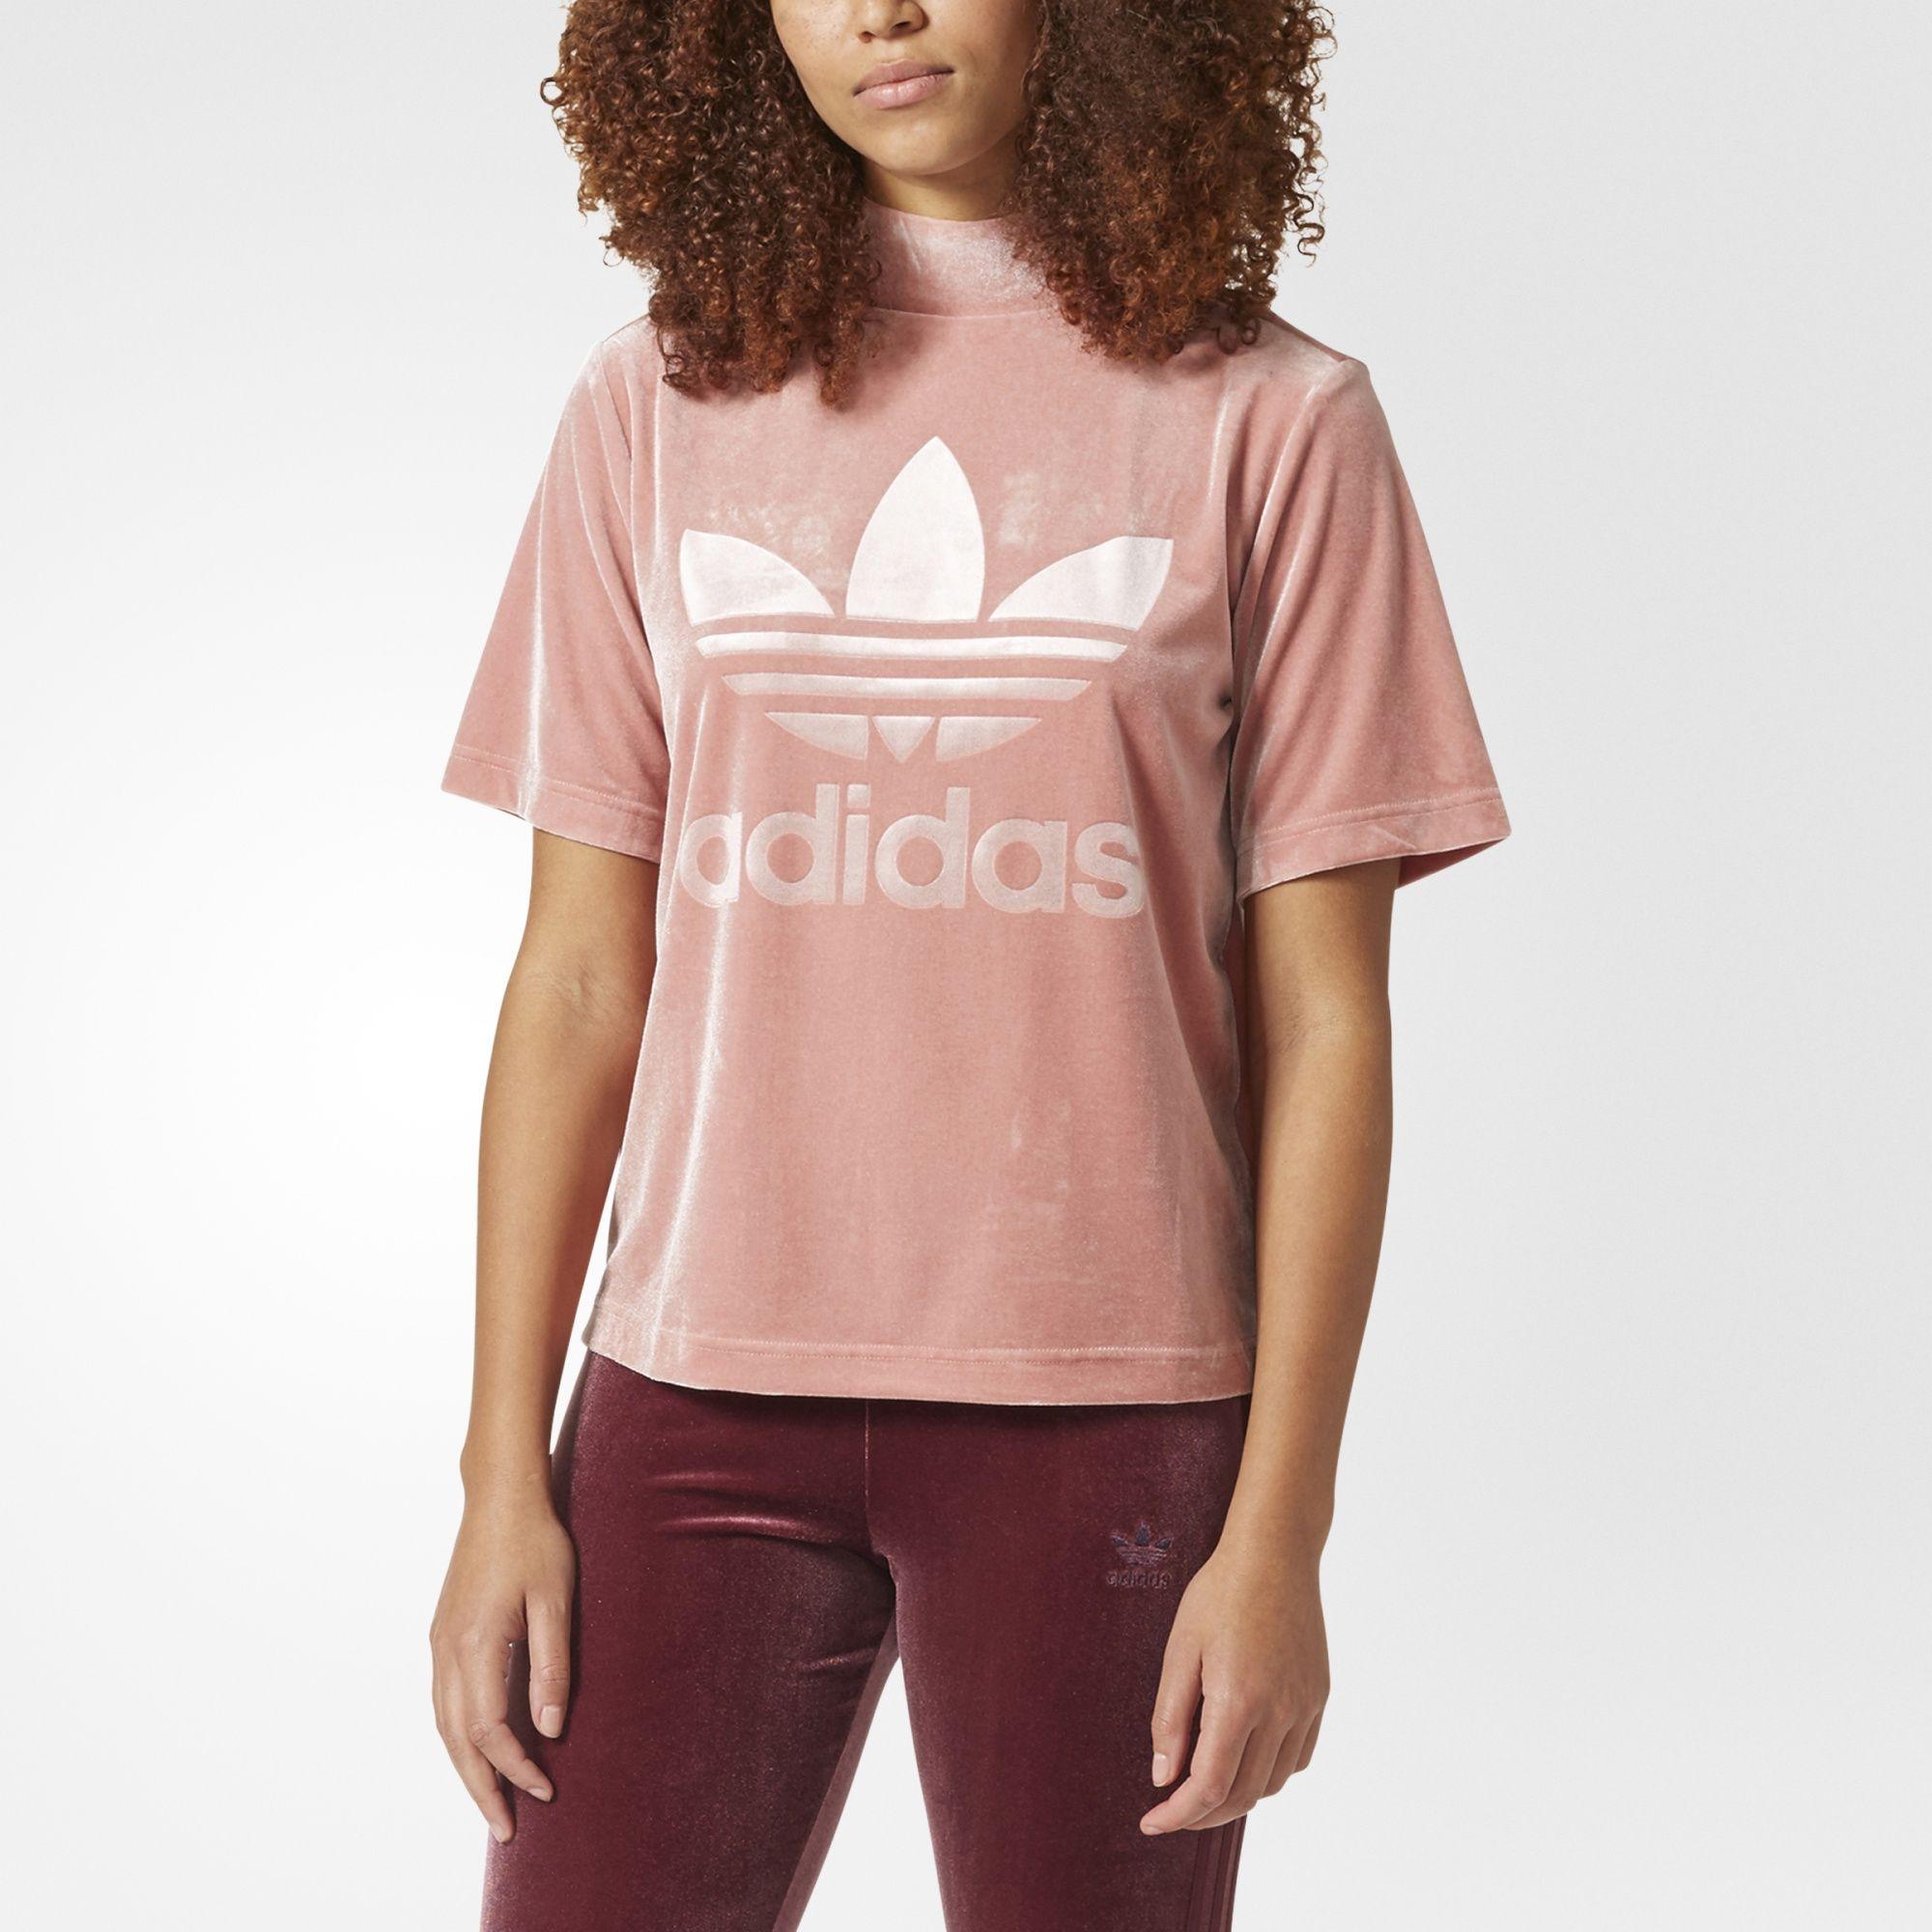 Dit dames T shirt, geïnspireerd op weelderige loungekleding